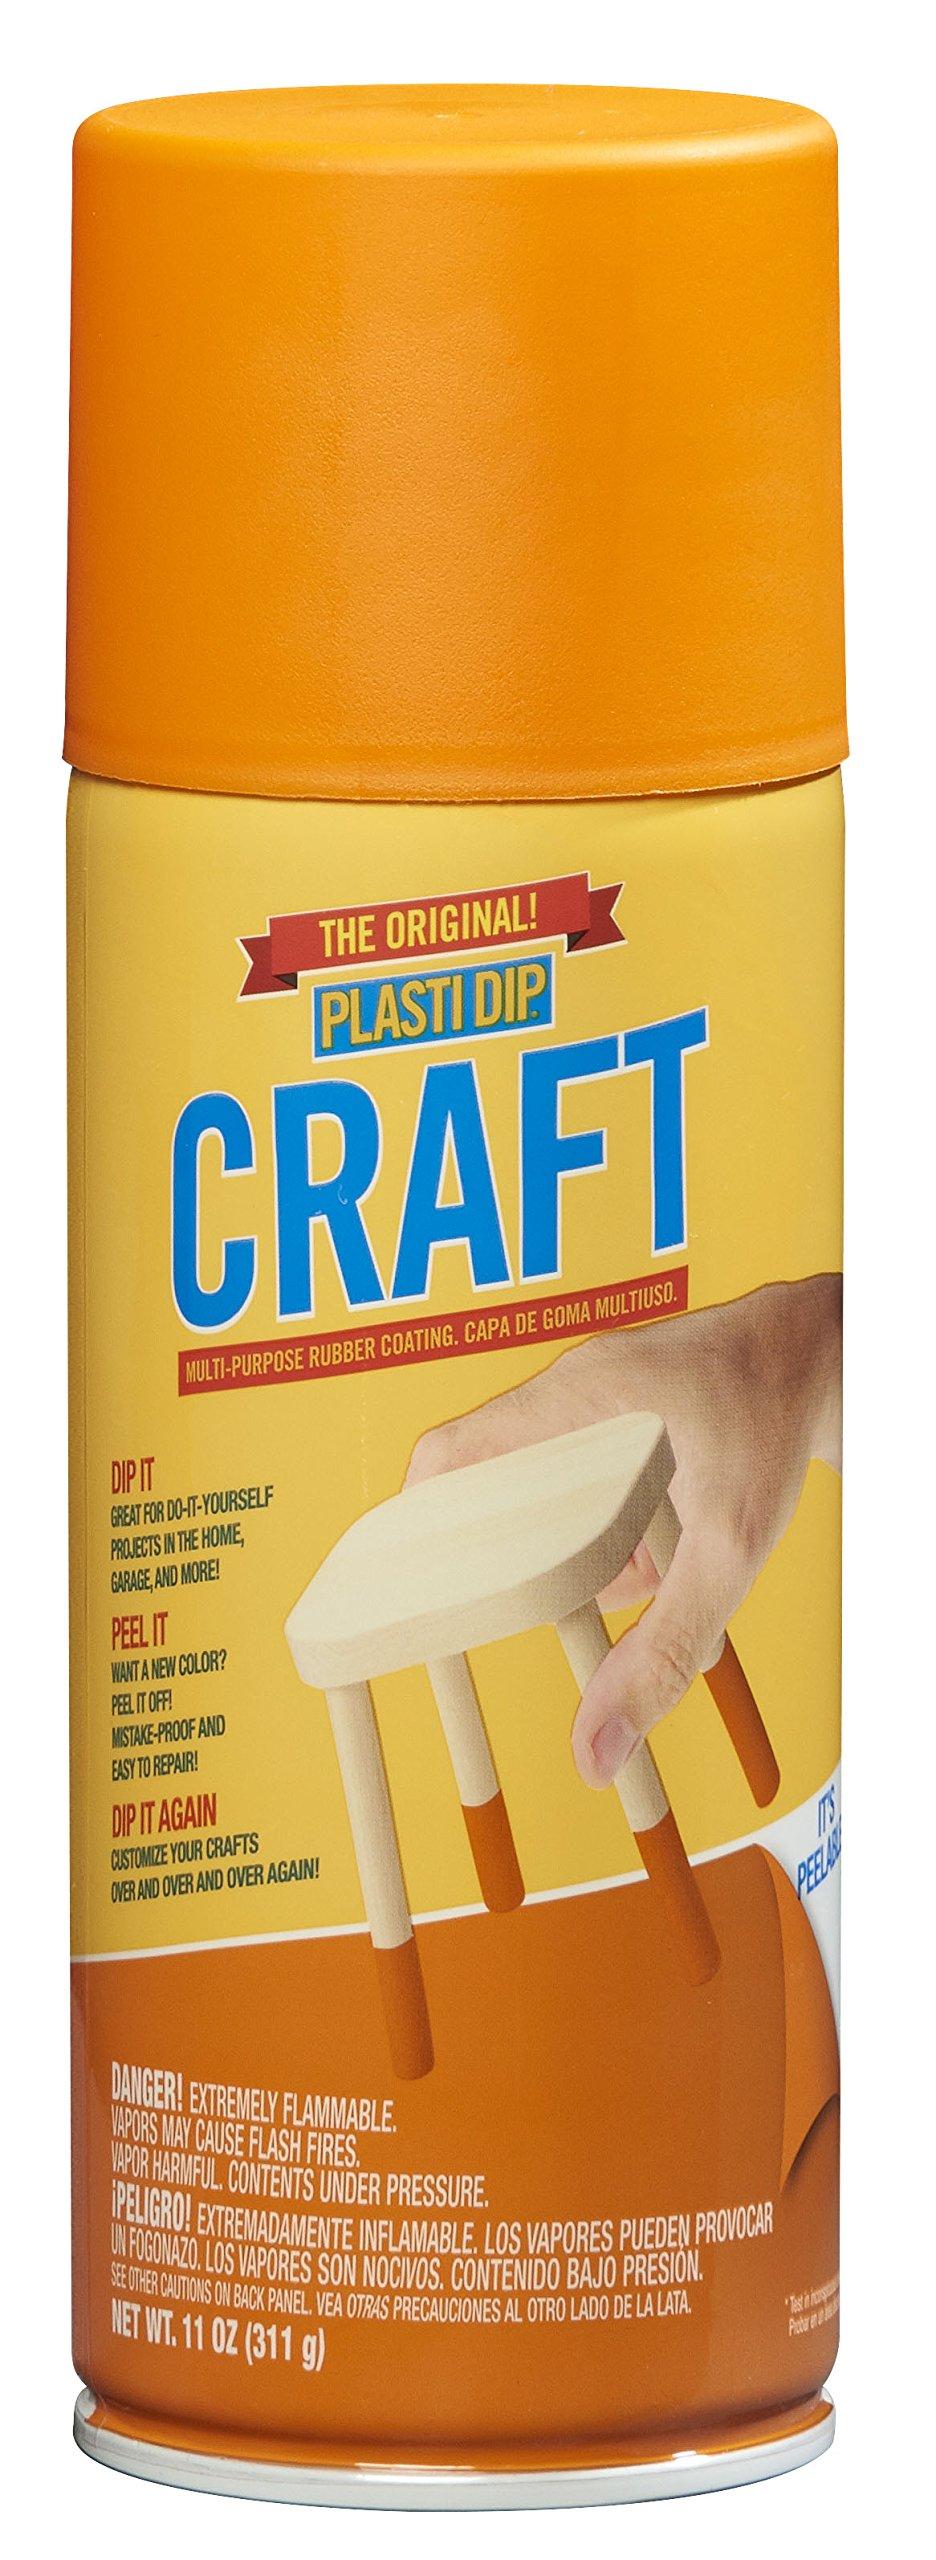 Plasti Dip 11334-6 Craft, 11 oz. Pumpkin Spice